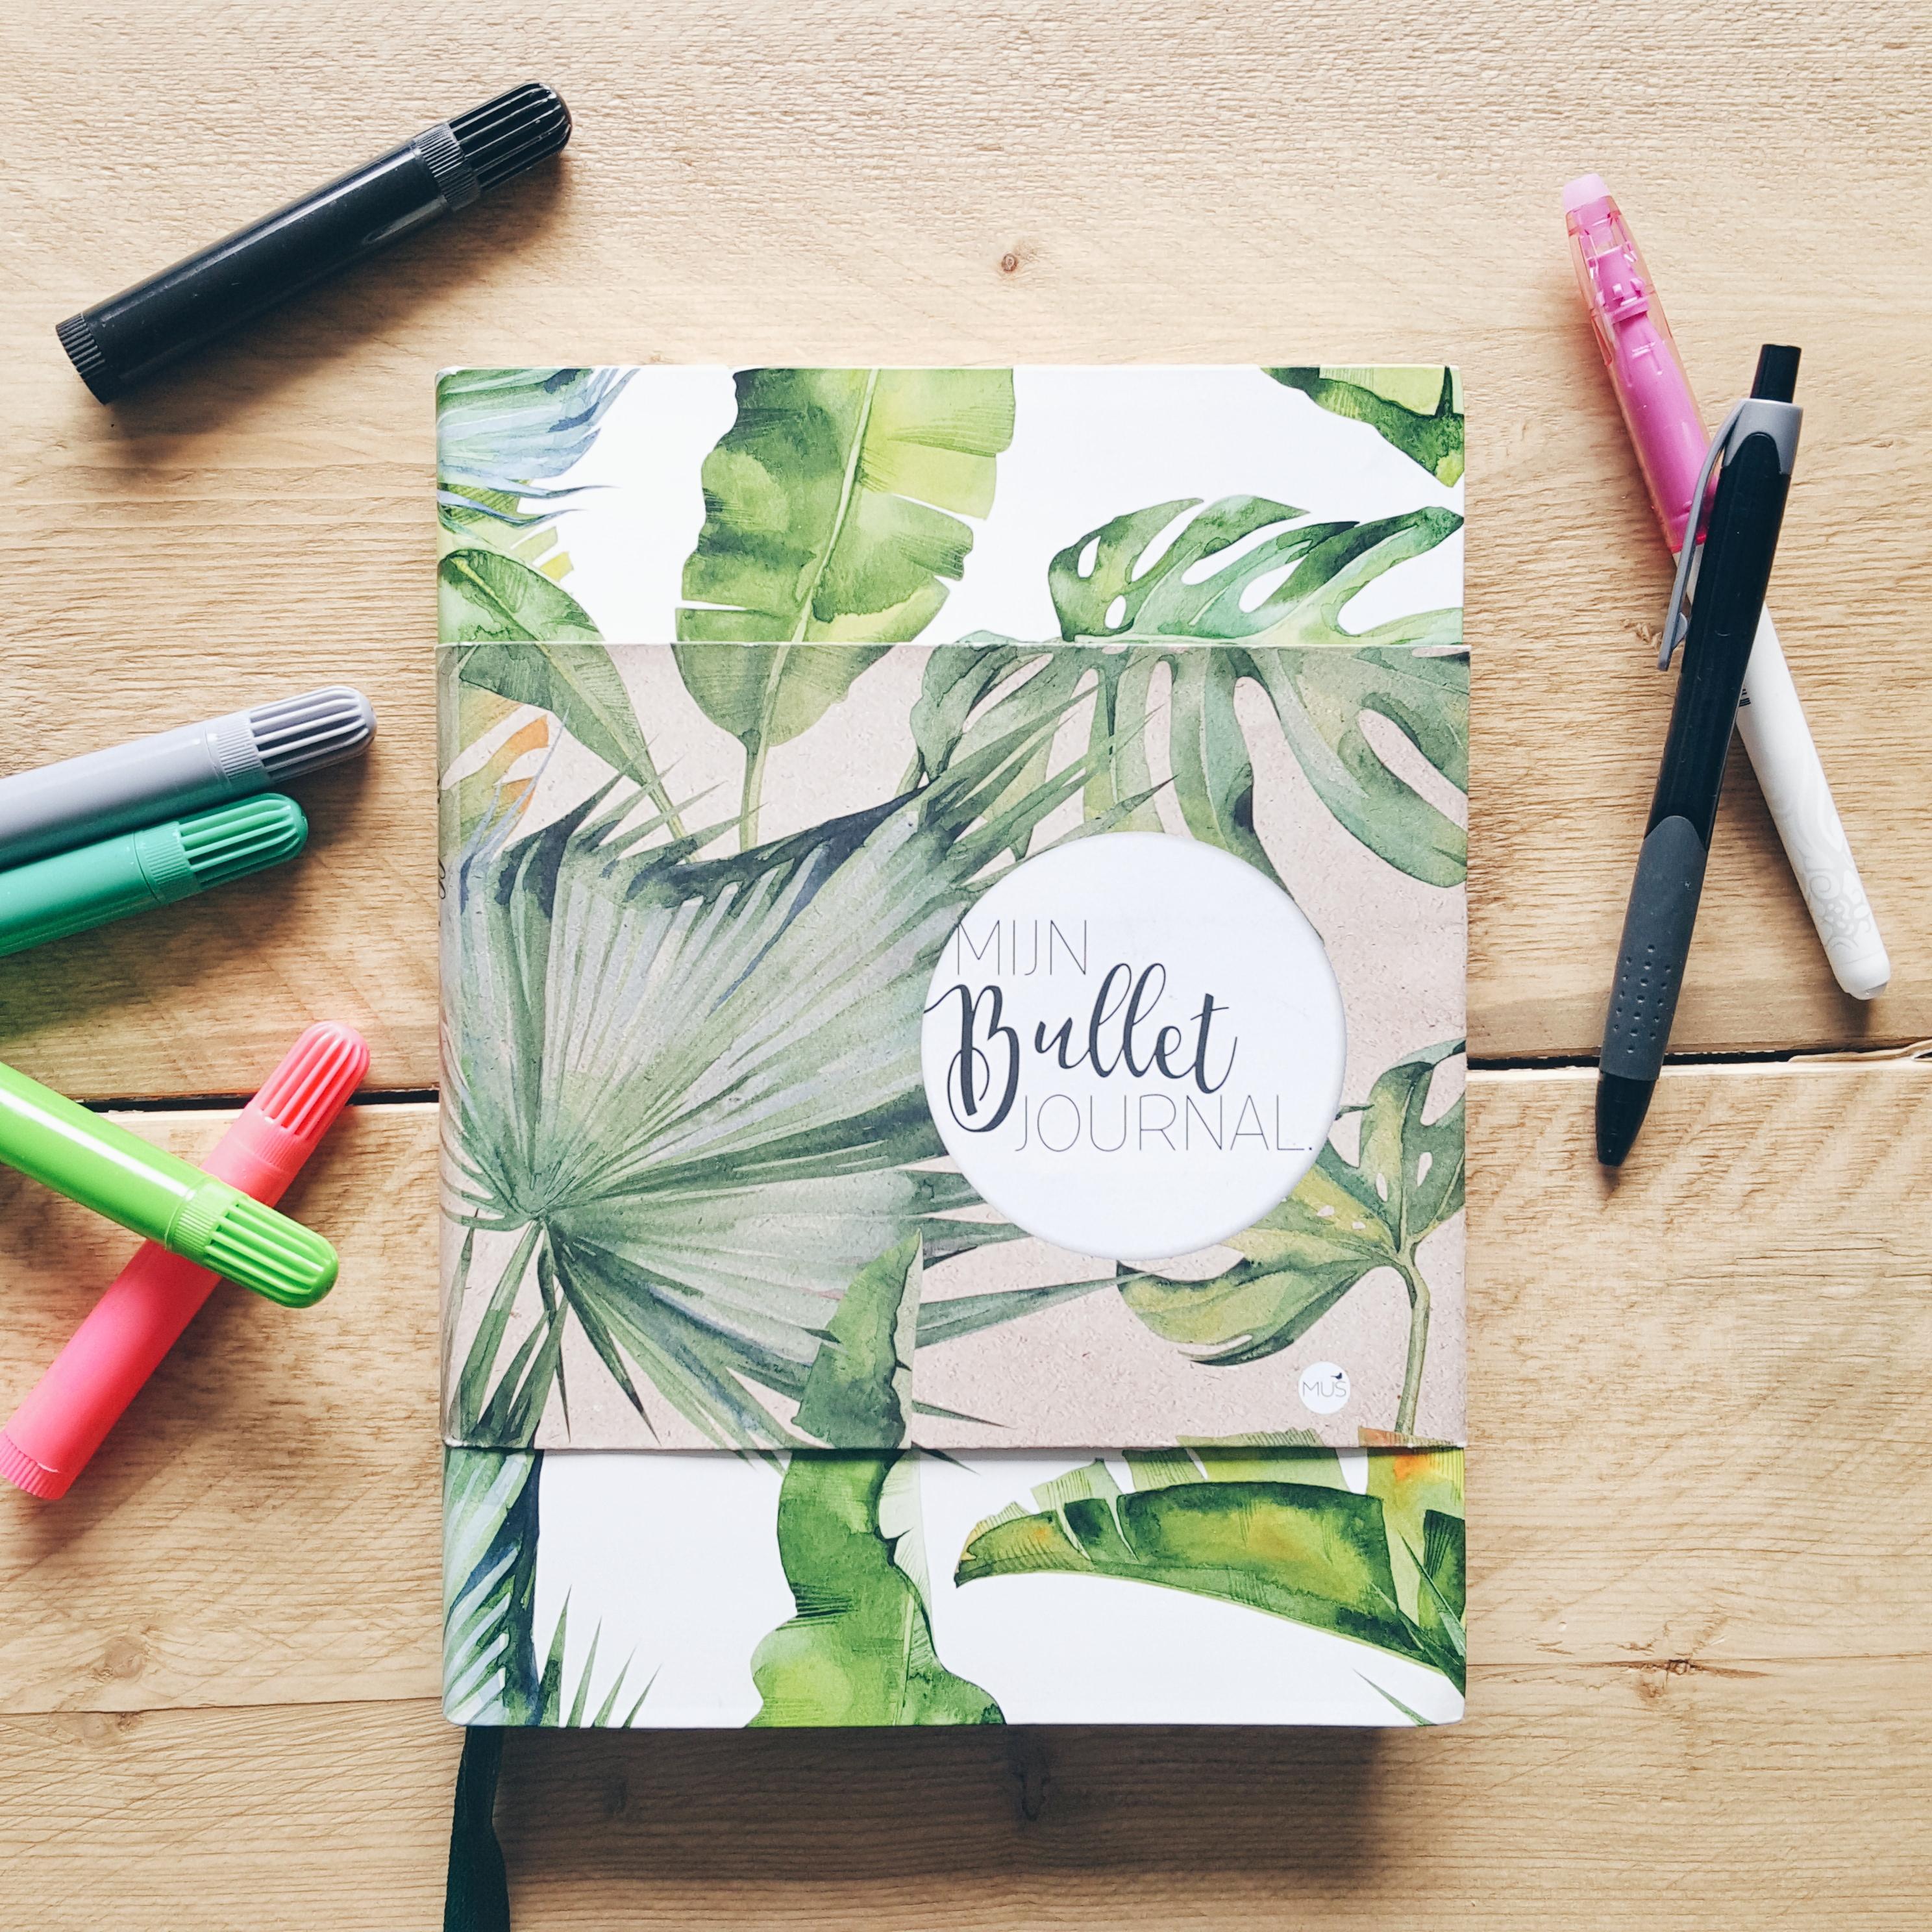 Hoe ik mijn bullet journal dagelijks gebruik